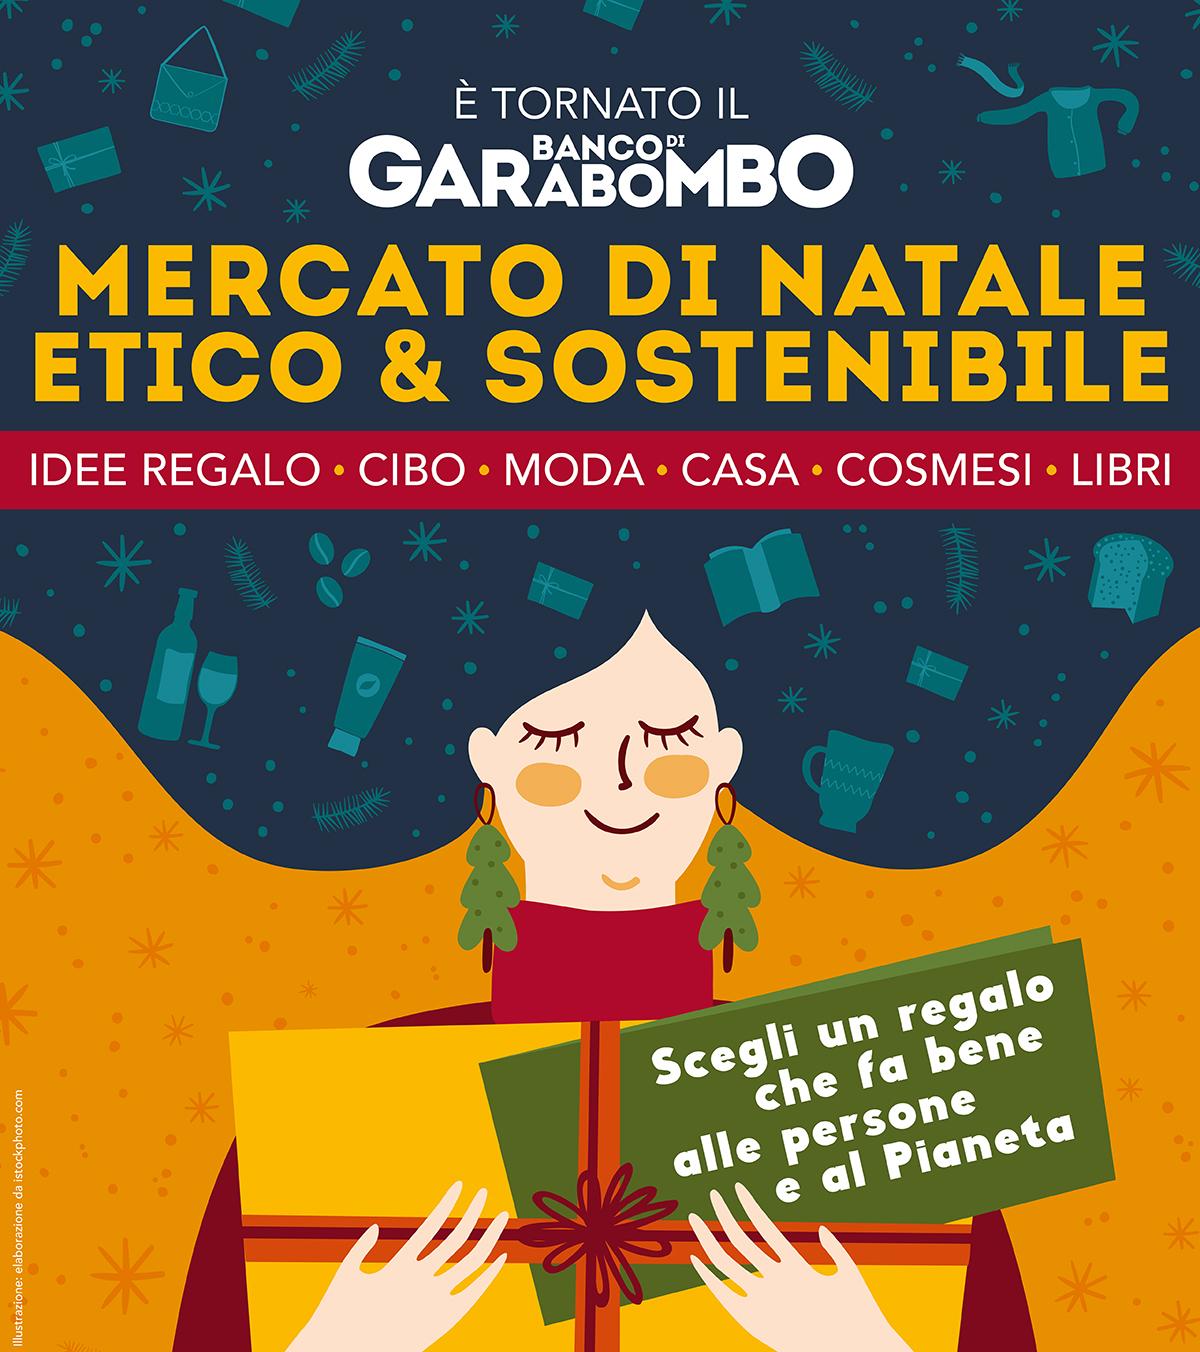 Banco di Garabombo 2019